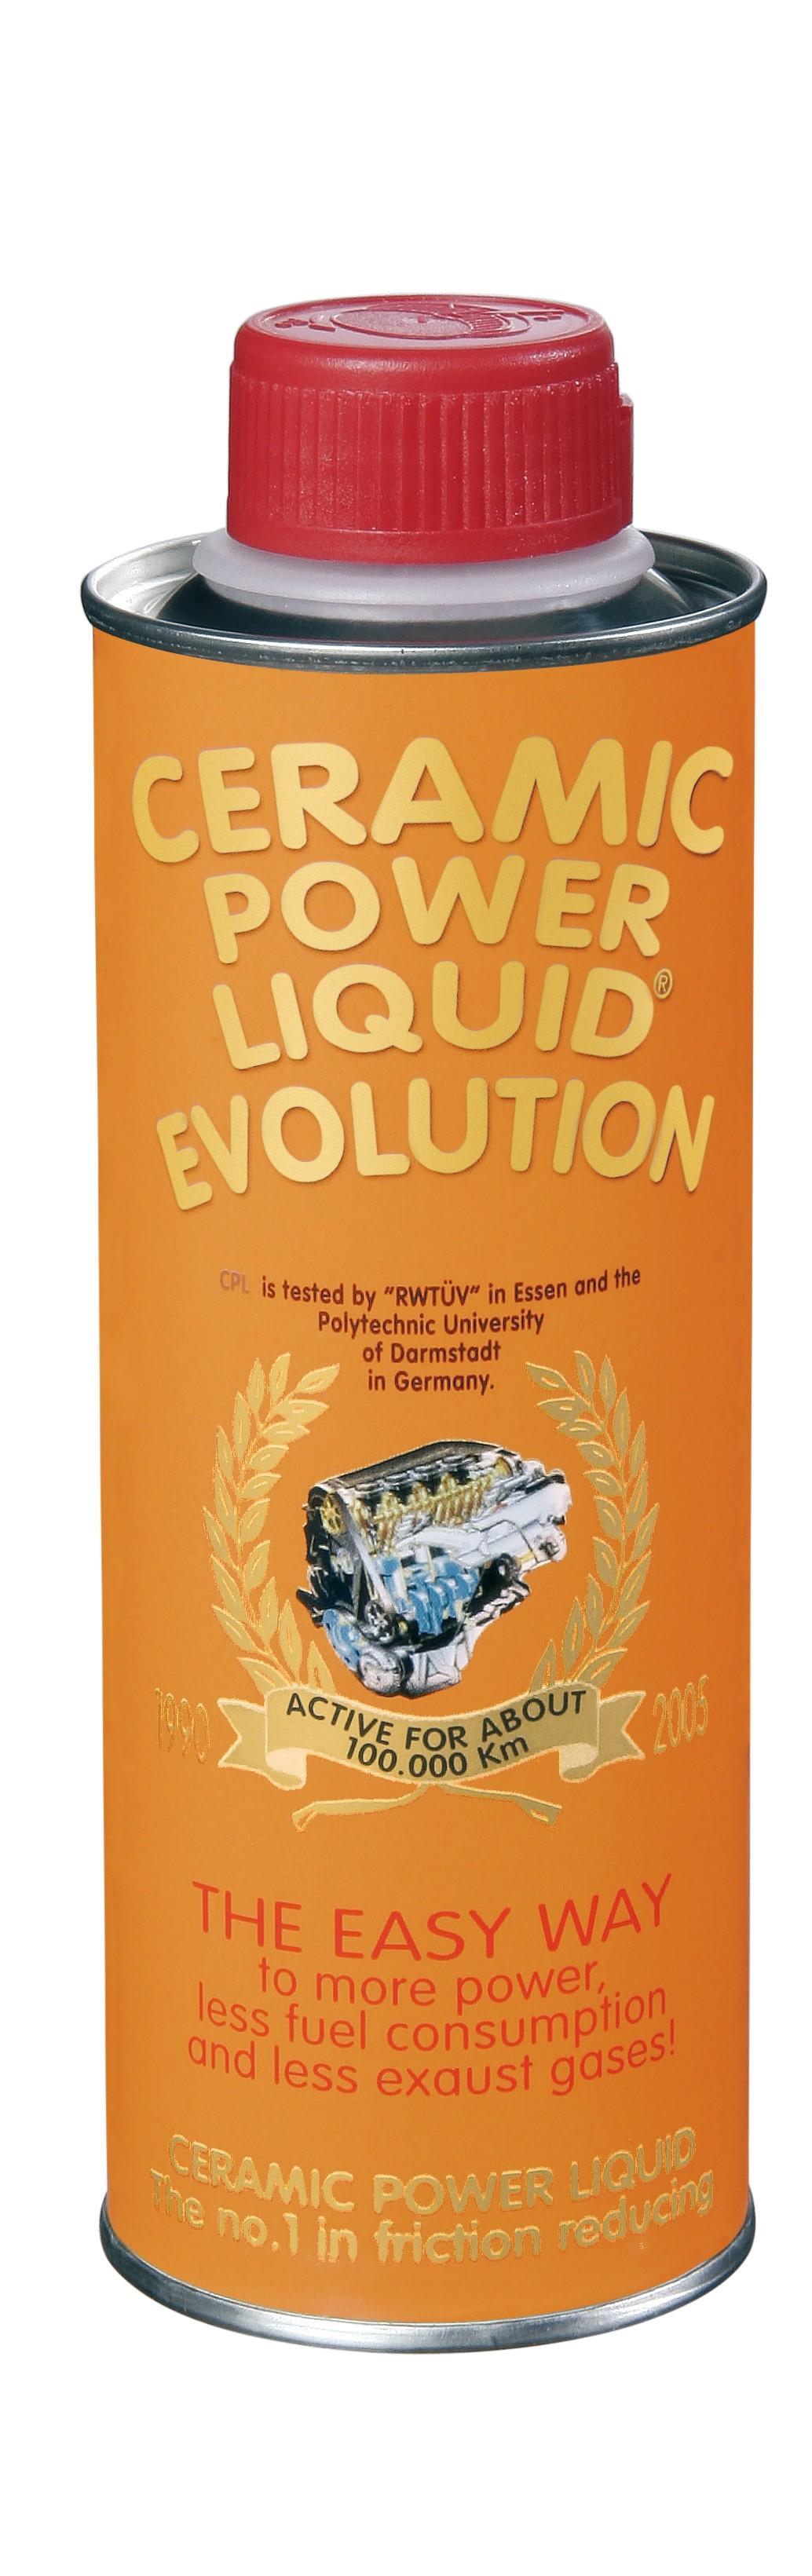 CERAMIC POWER LIQUID EVOLUTION 300ML >1.5 cc